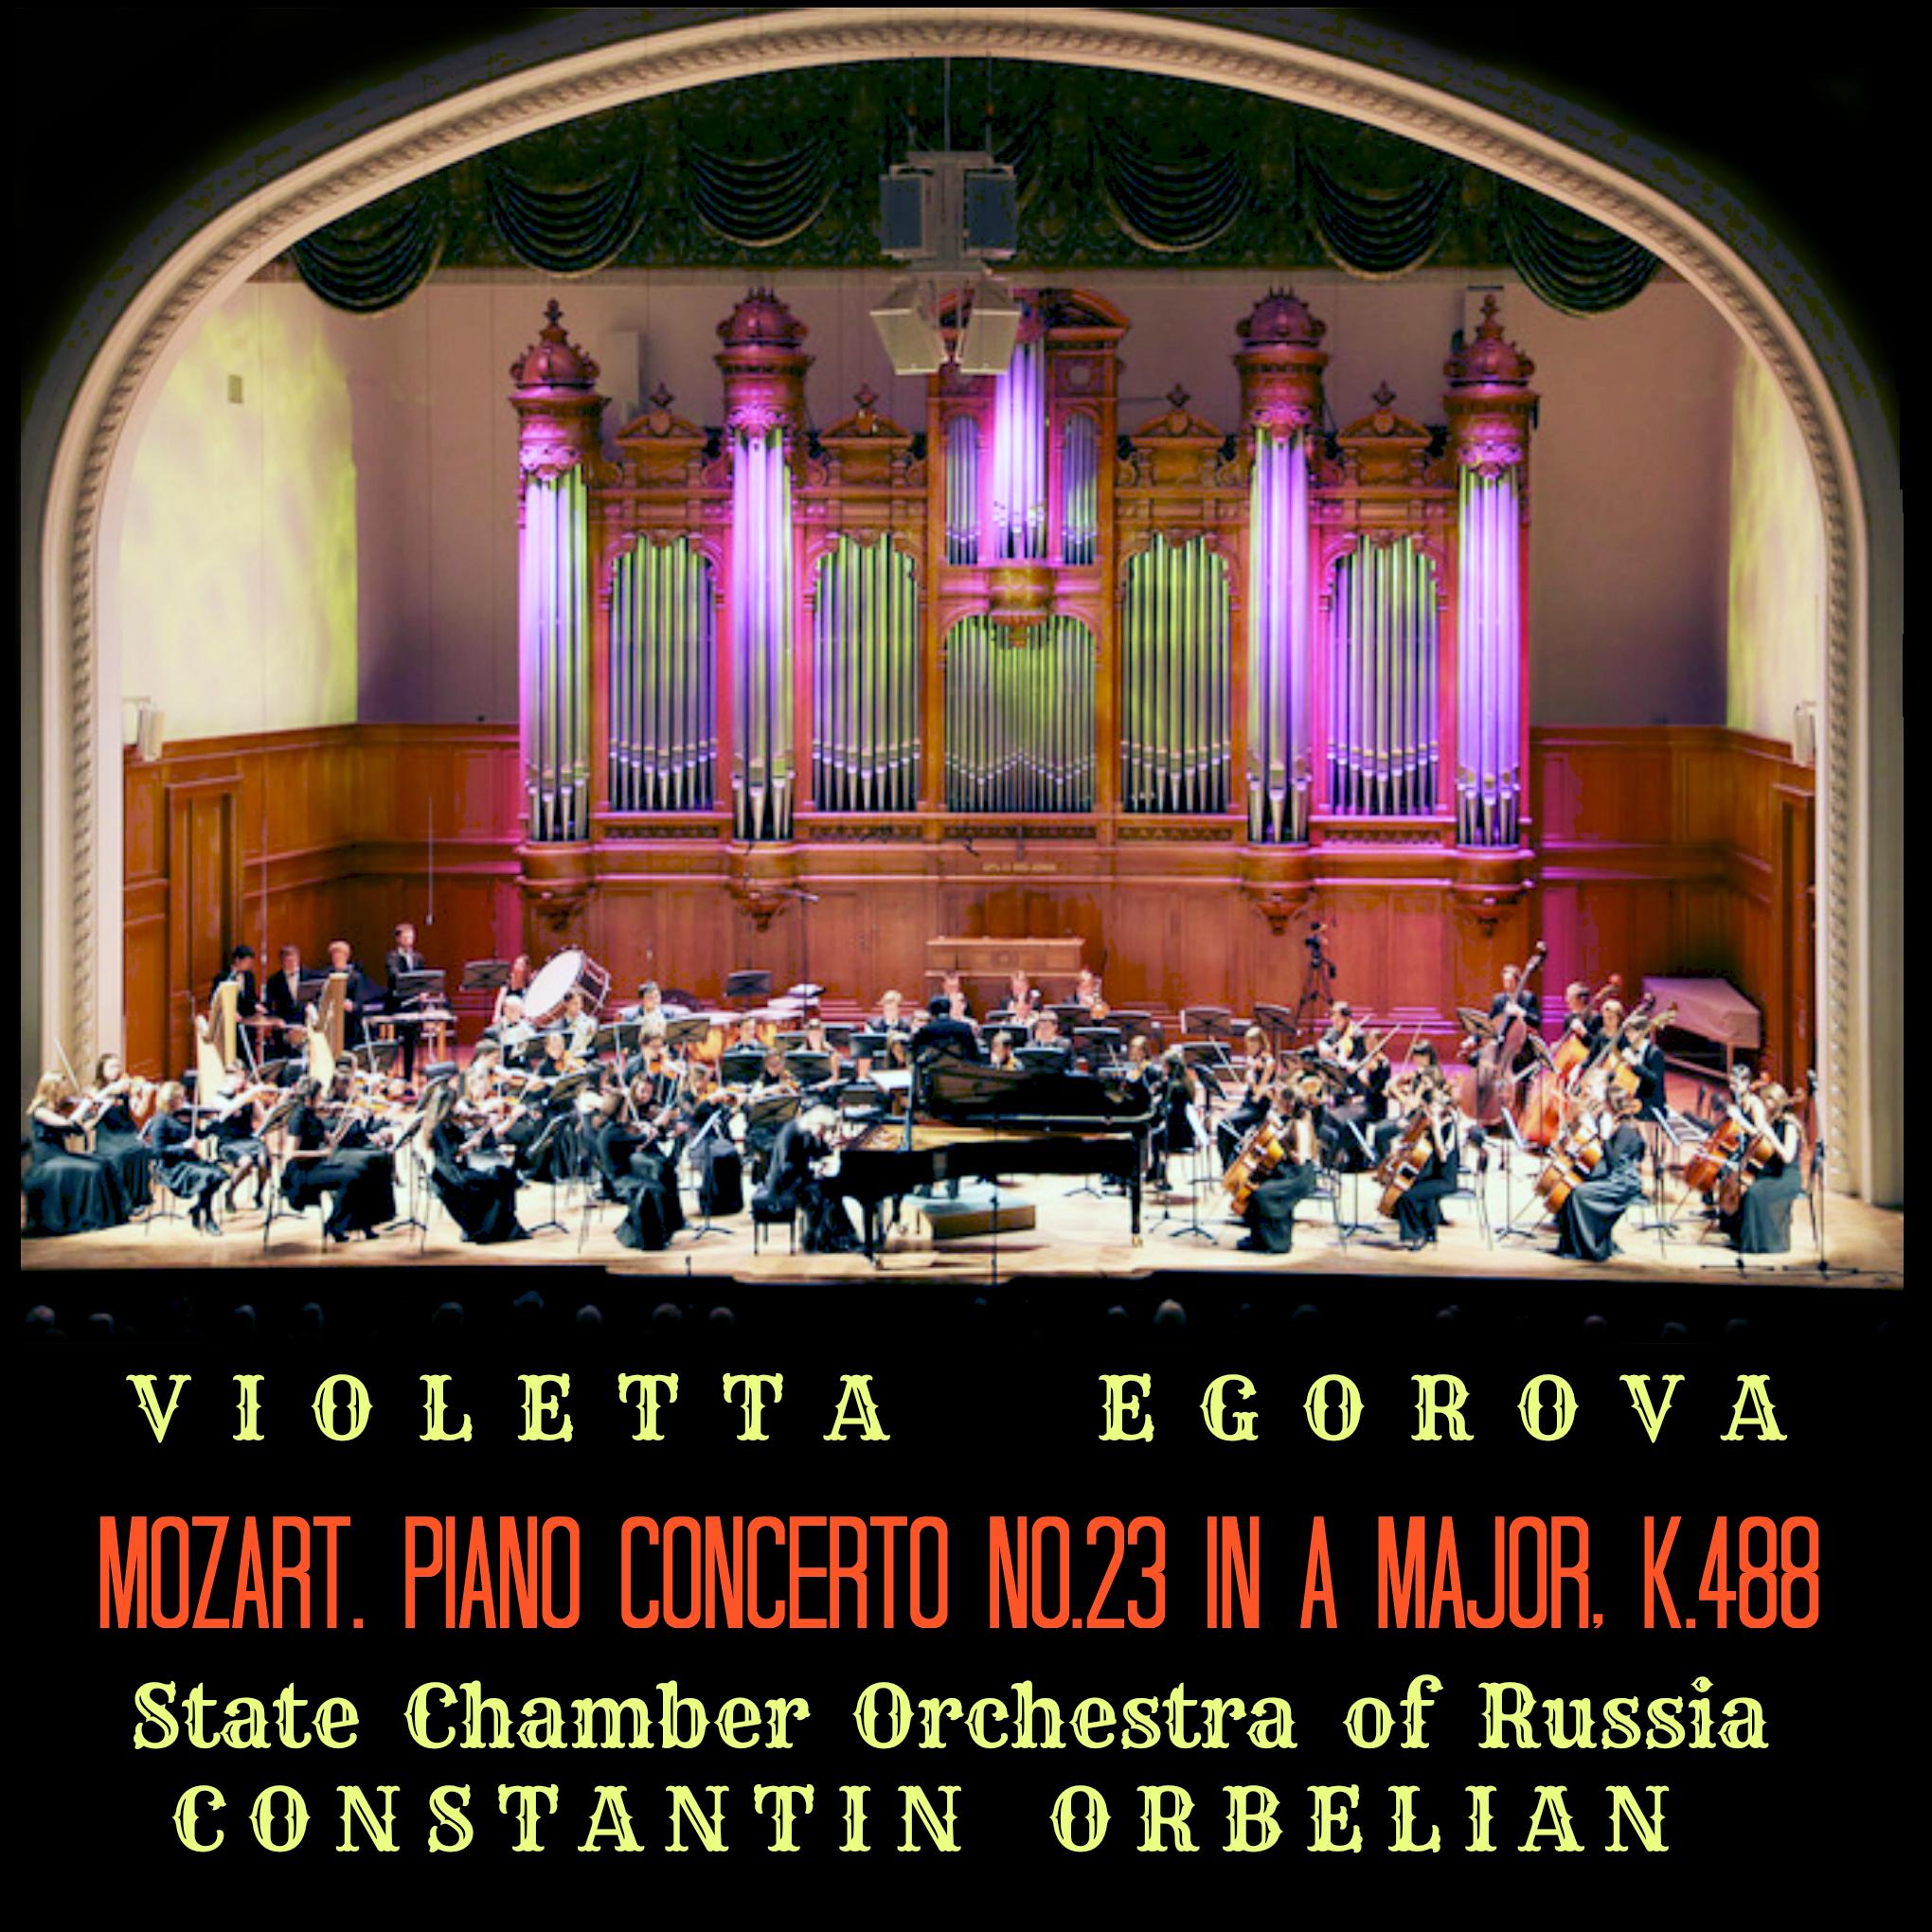 Mozart. Concerto N.23